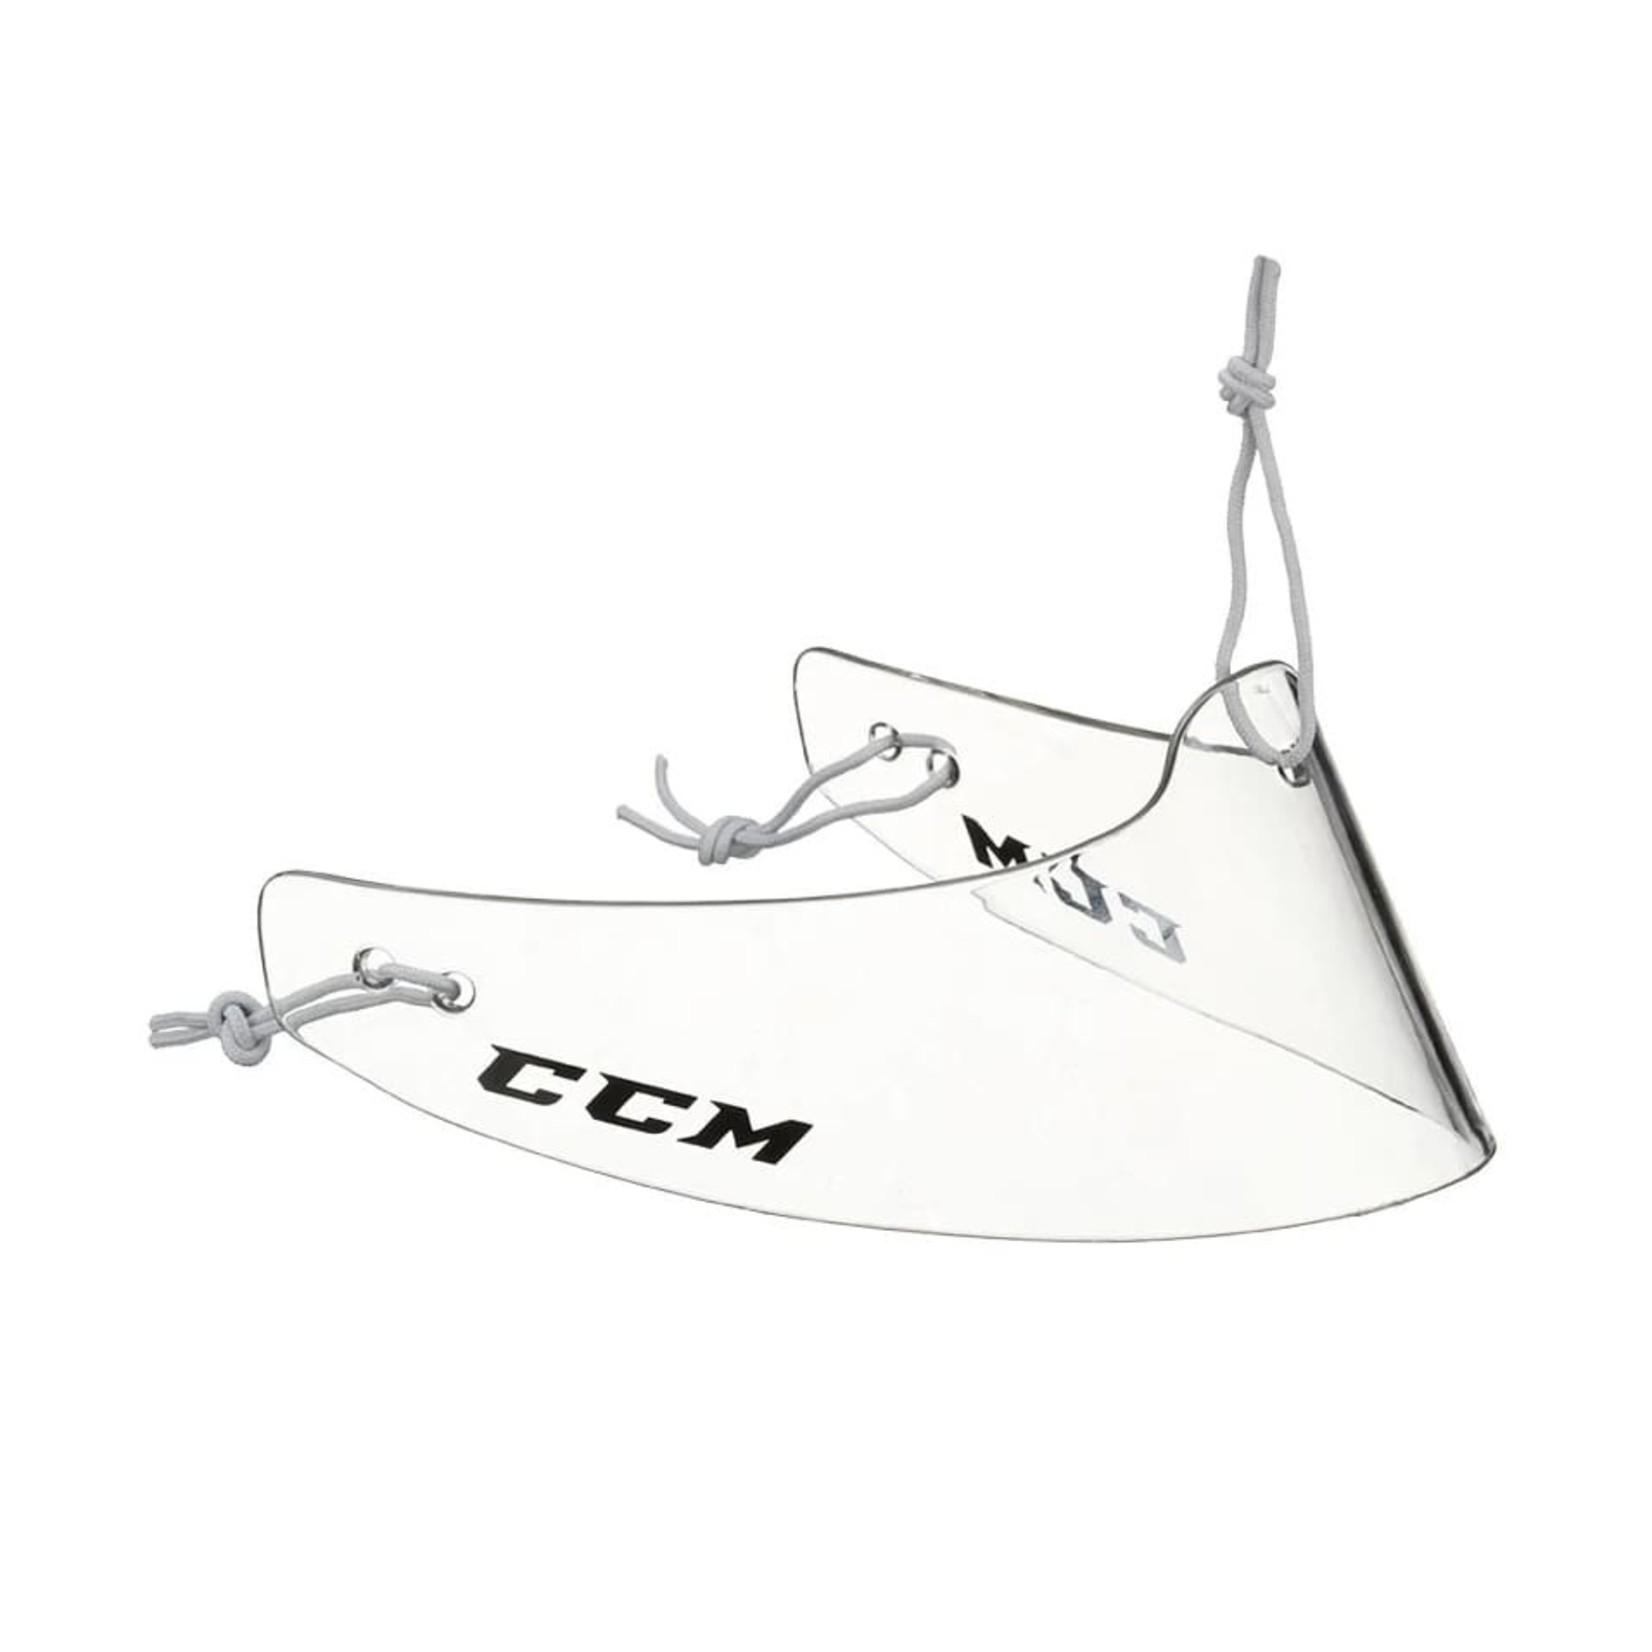 CCM CCM Throat Protector, Lexan Clear OS